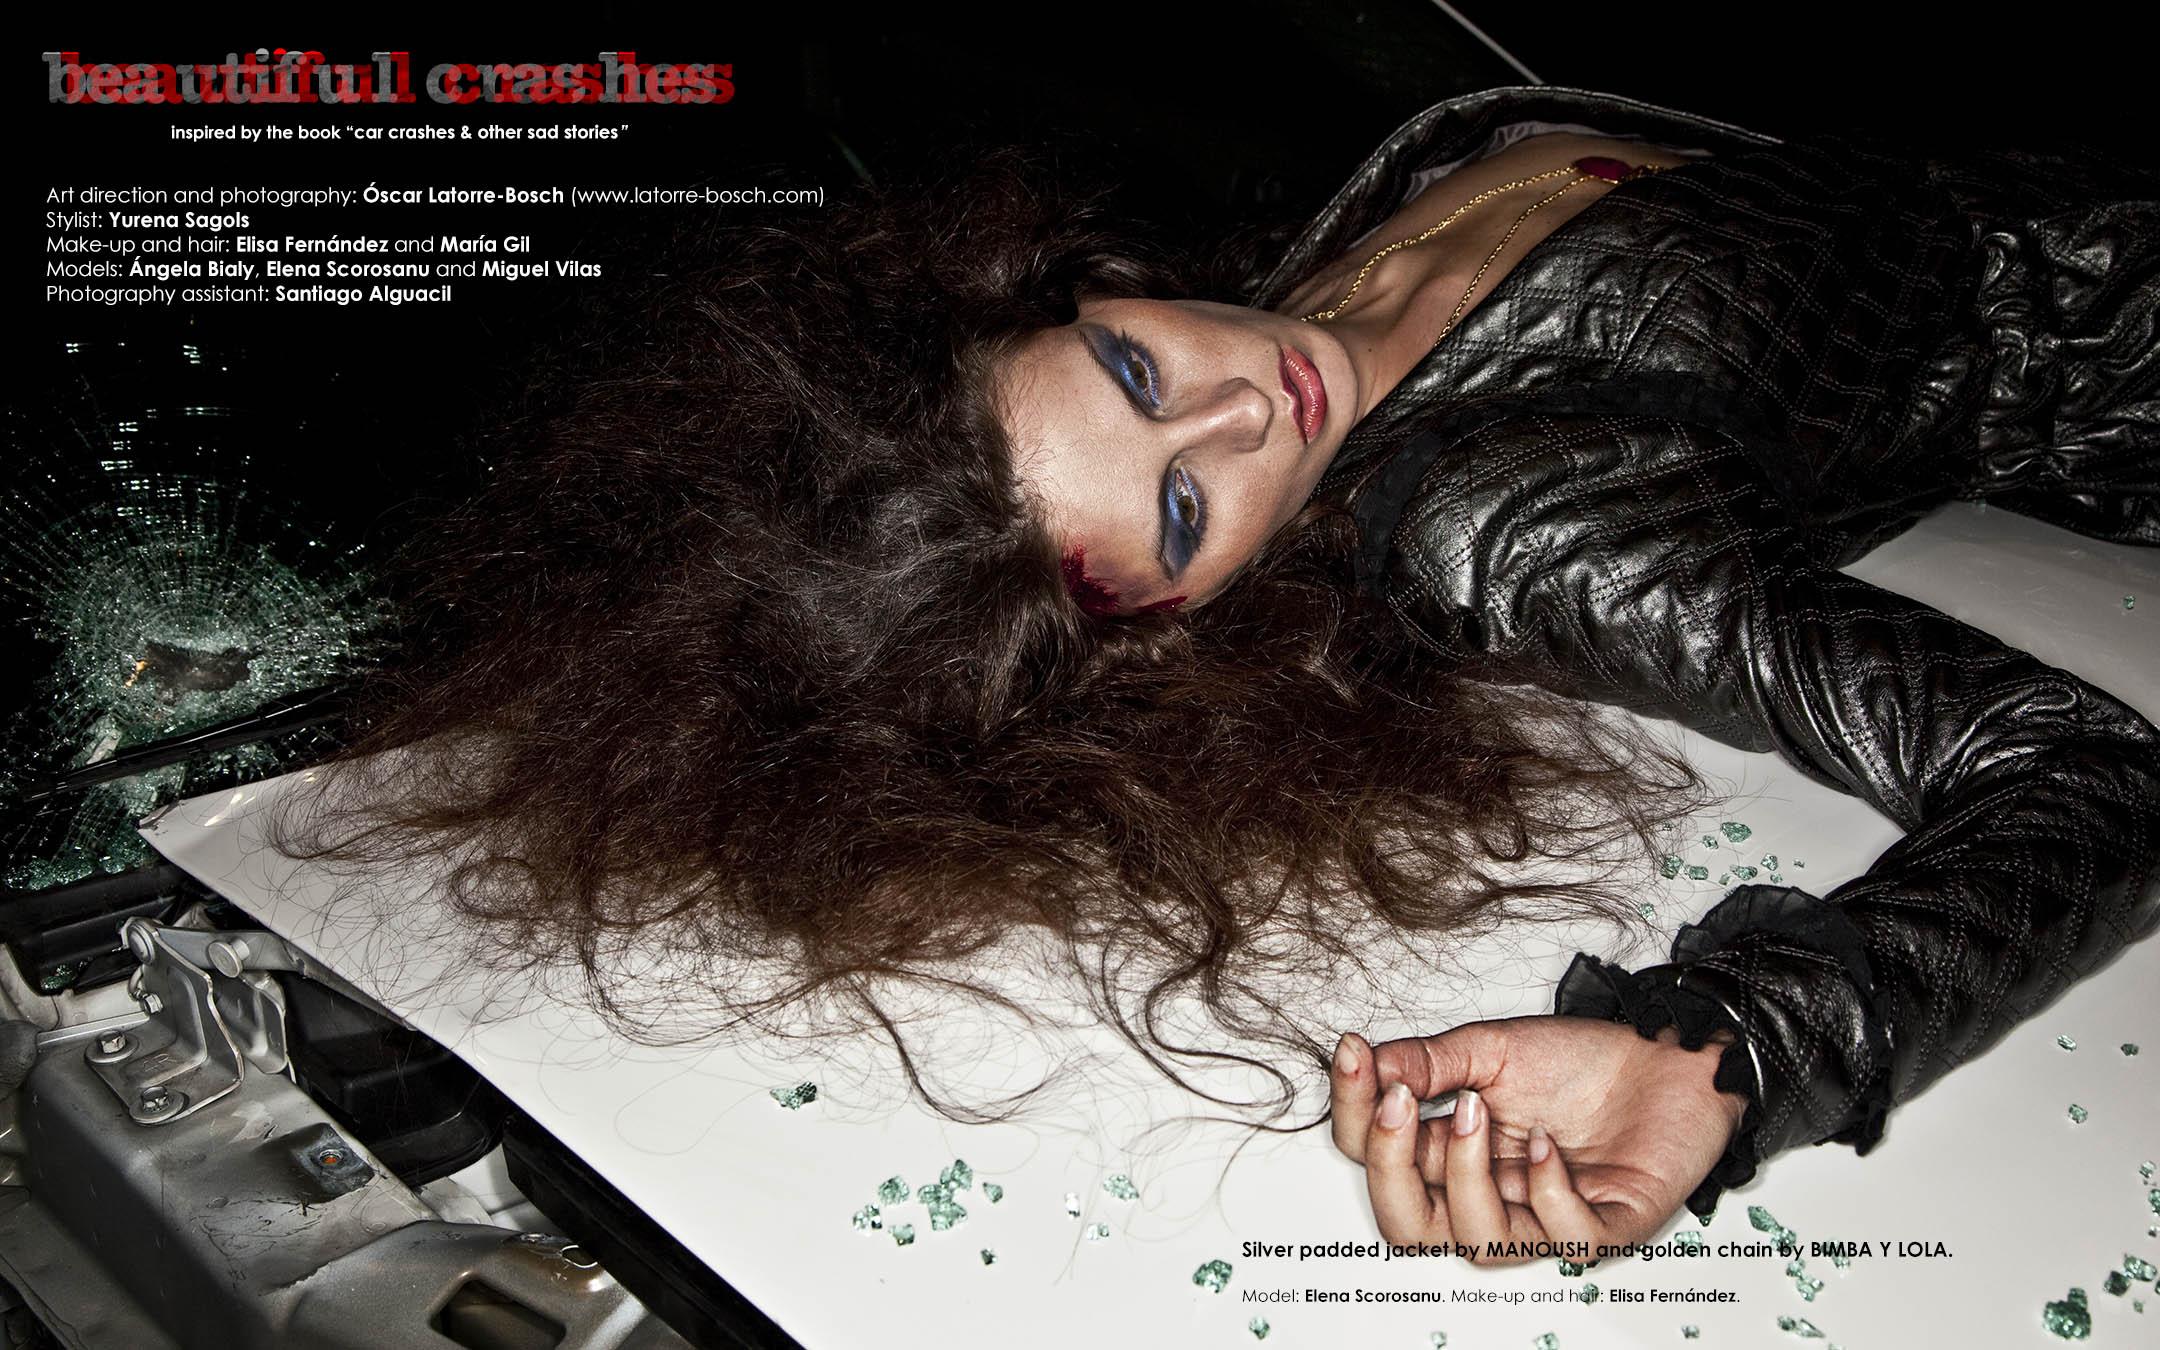 Beautiful Crashes by Oscar Latorre